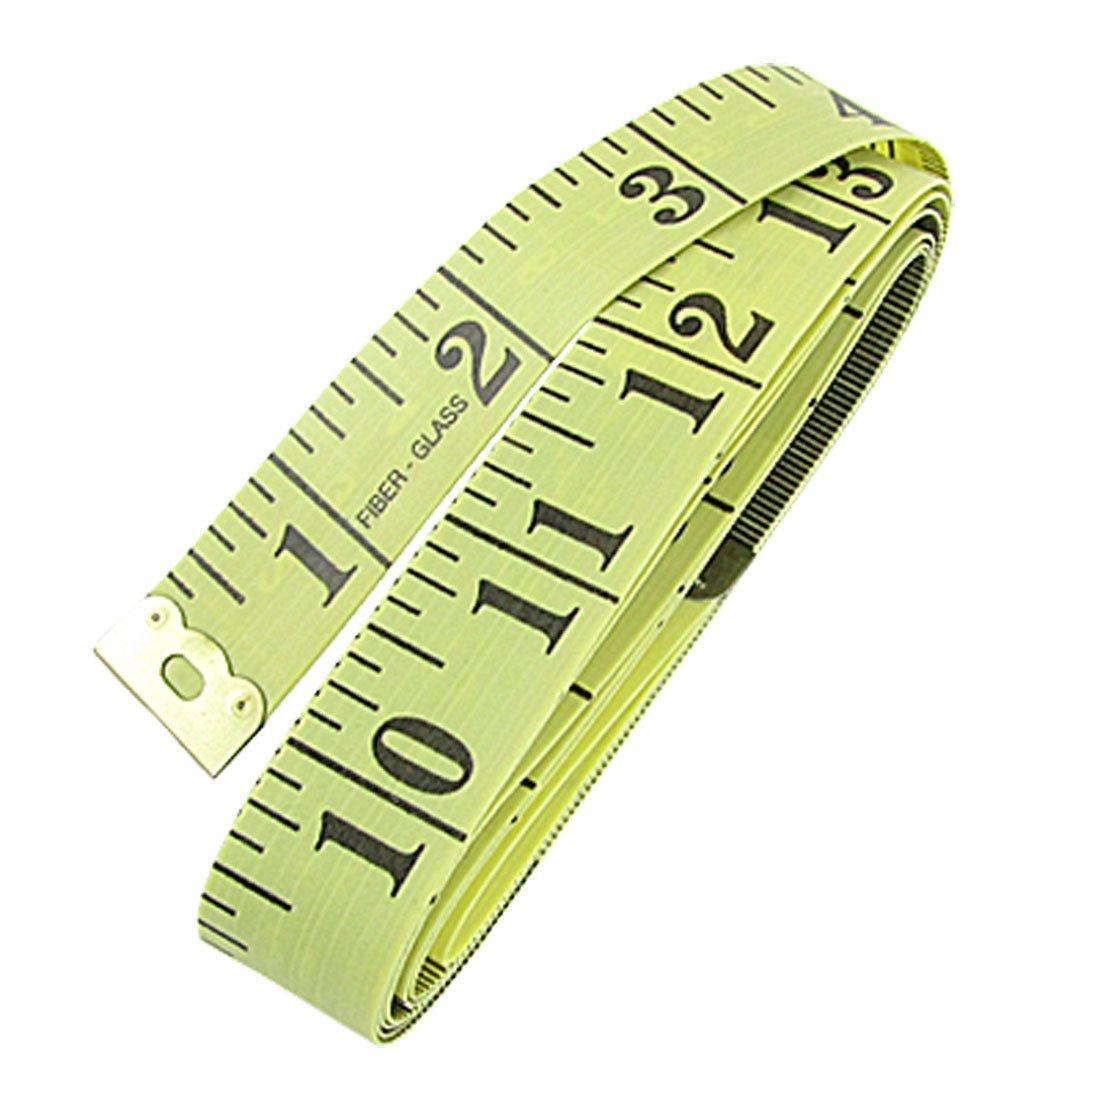 Uxcell thợ may seamstress loại thước thước đo vải, 27.94 cm, màu vàng / đen.